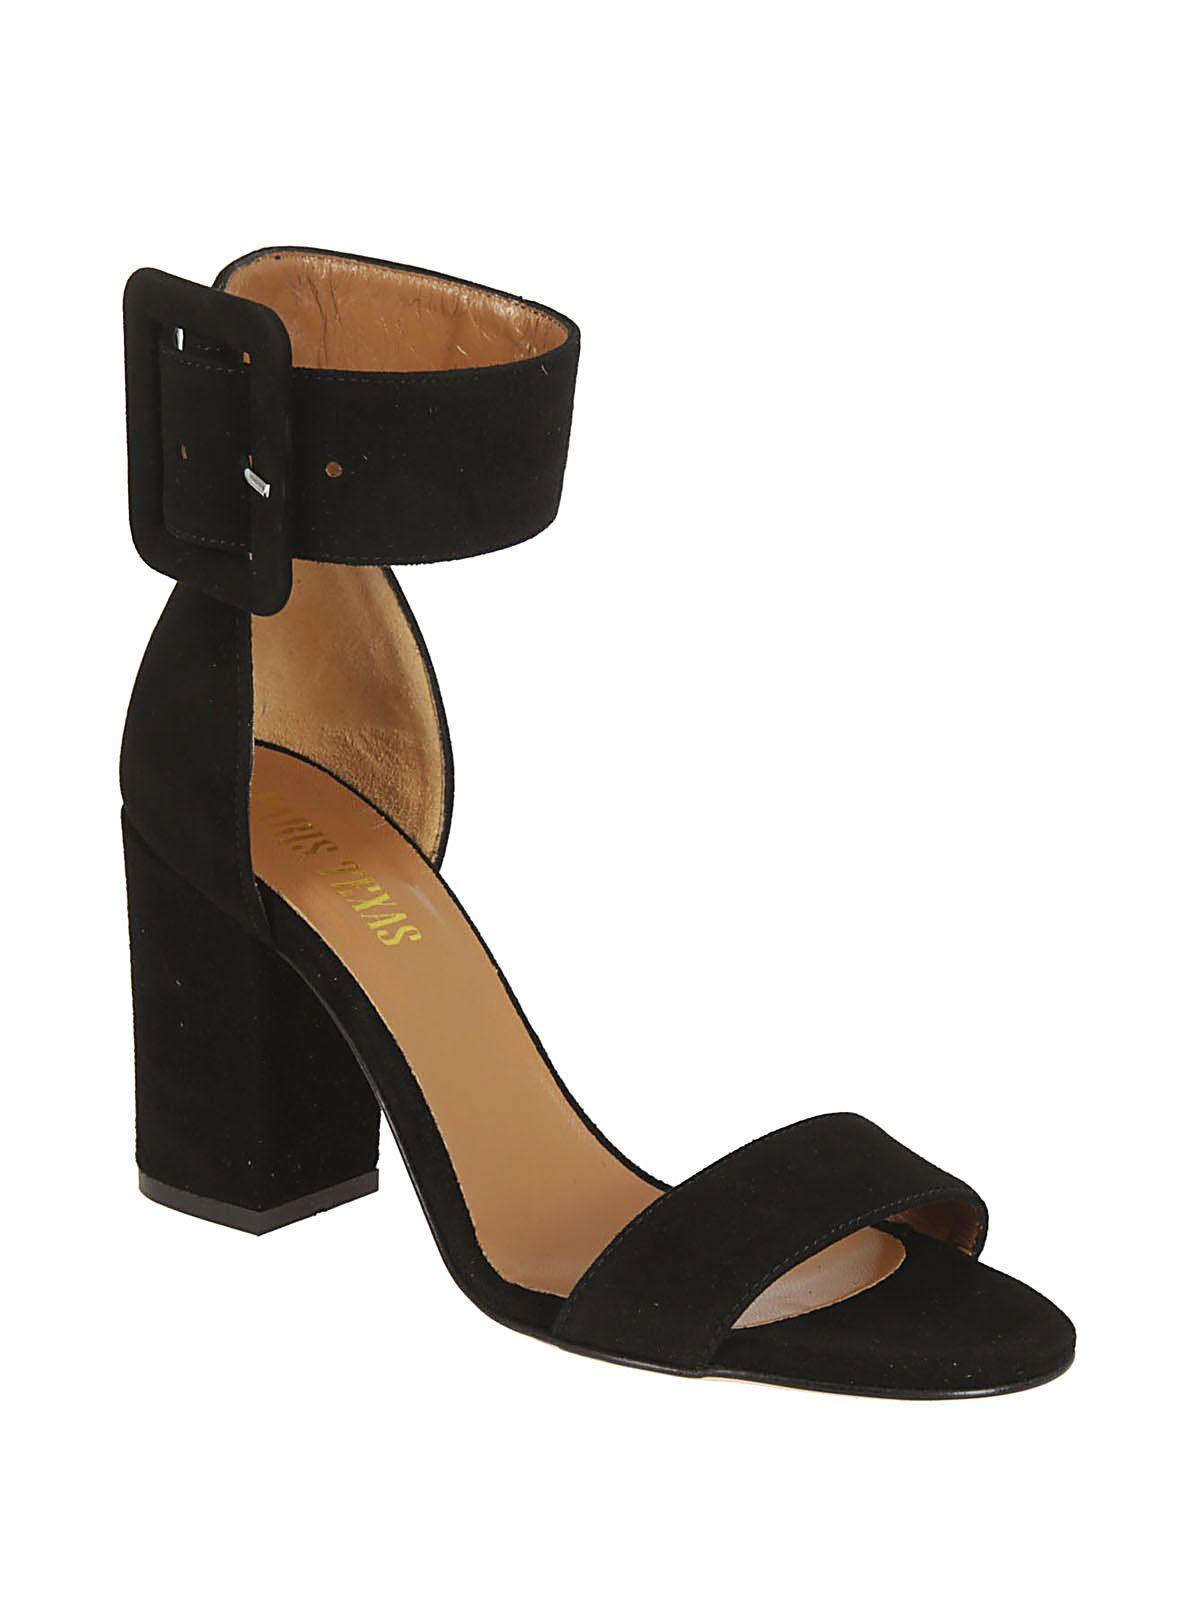 buckle ankle strap sandals - Black PARIS TEXAS JaHHBLR